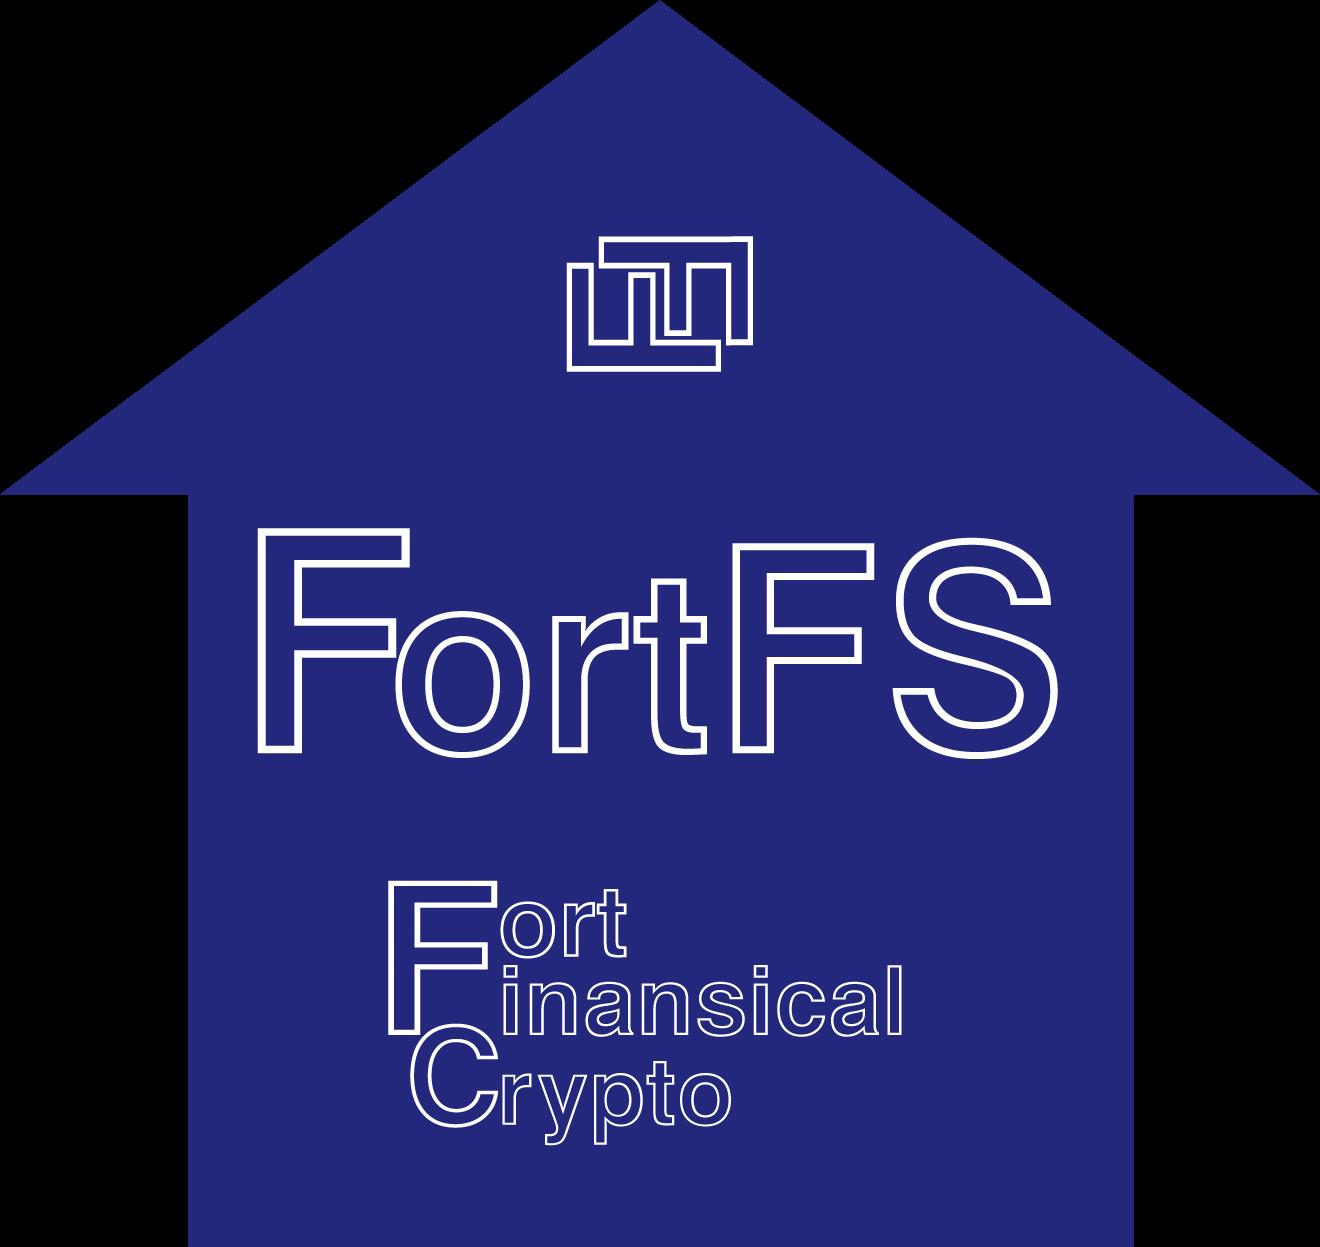 Разработка логотипа финансовой компании фото f_8445a8857596aada.png